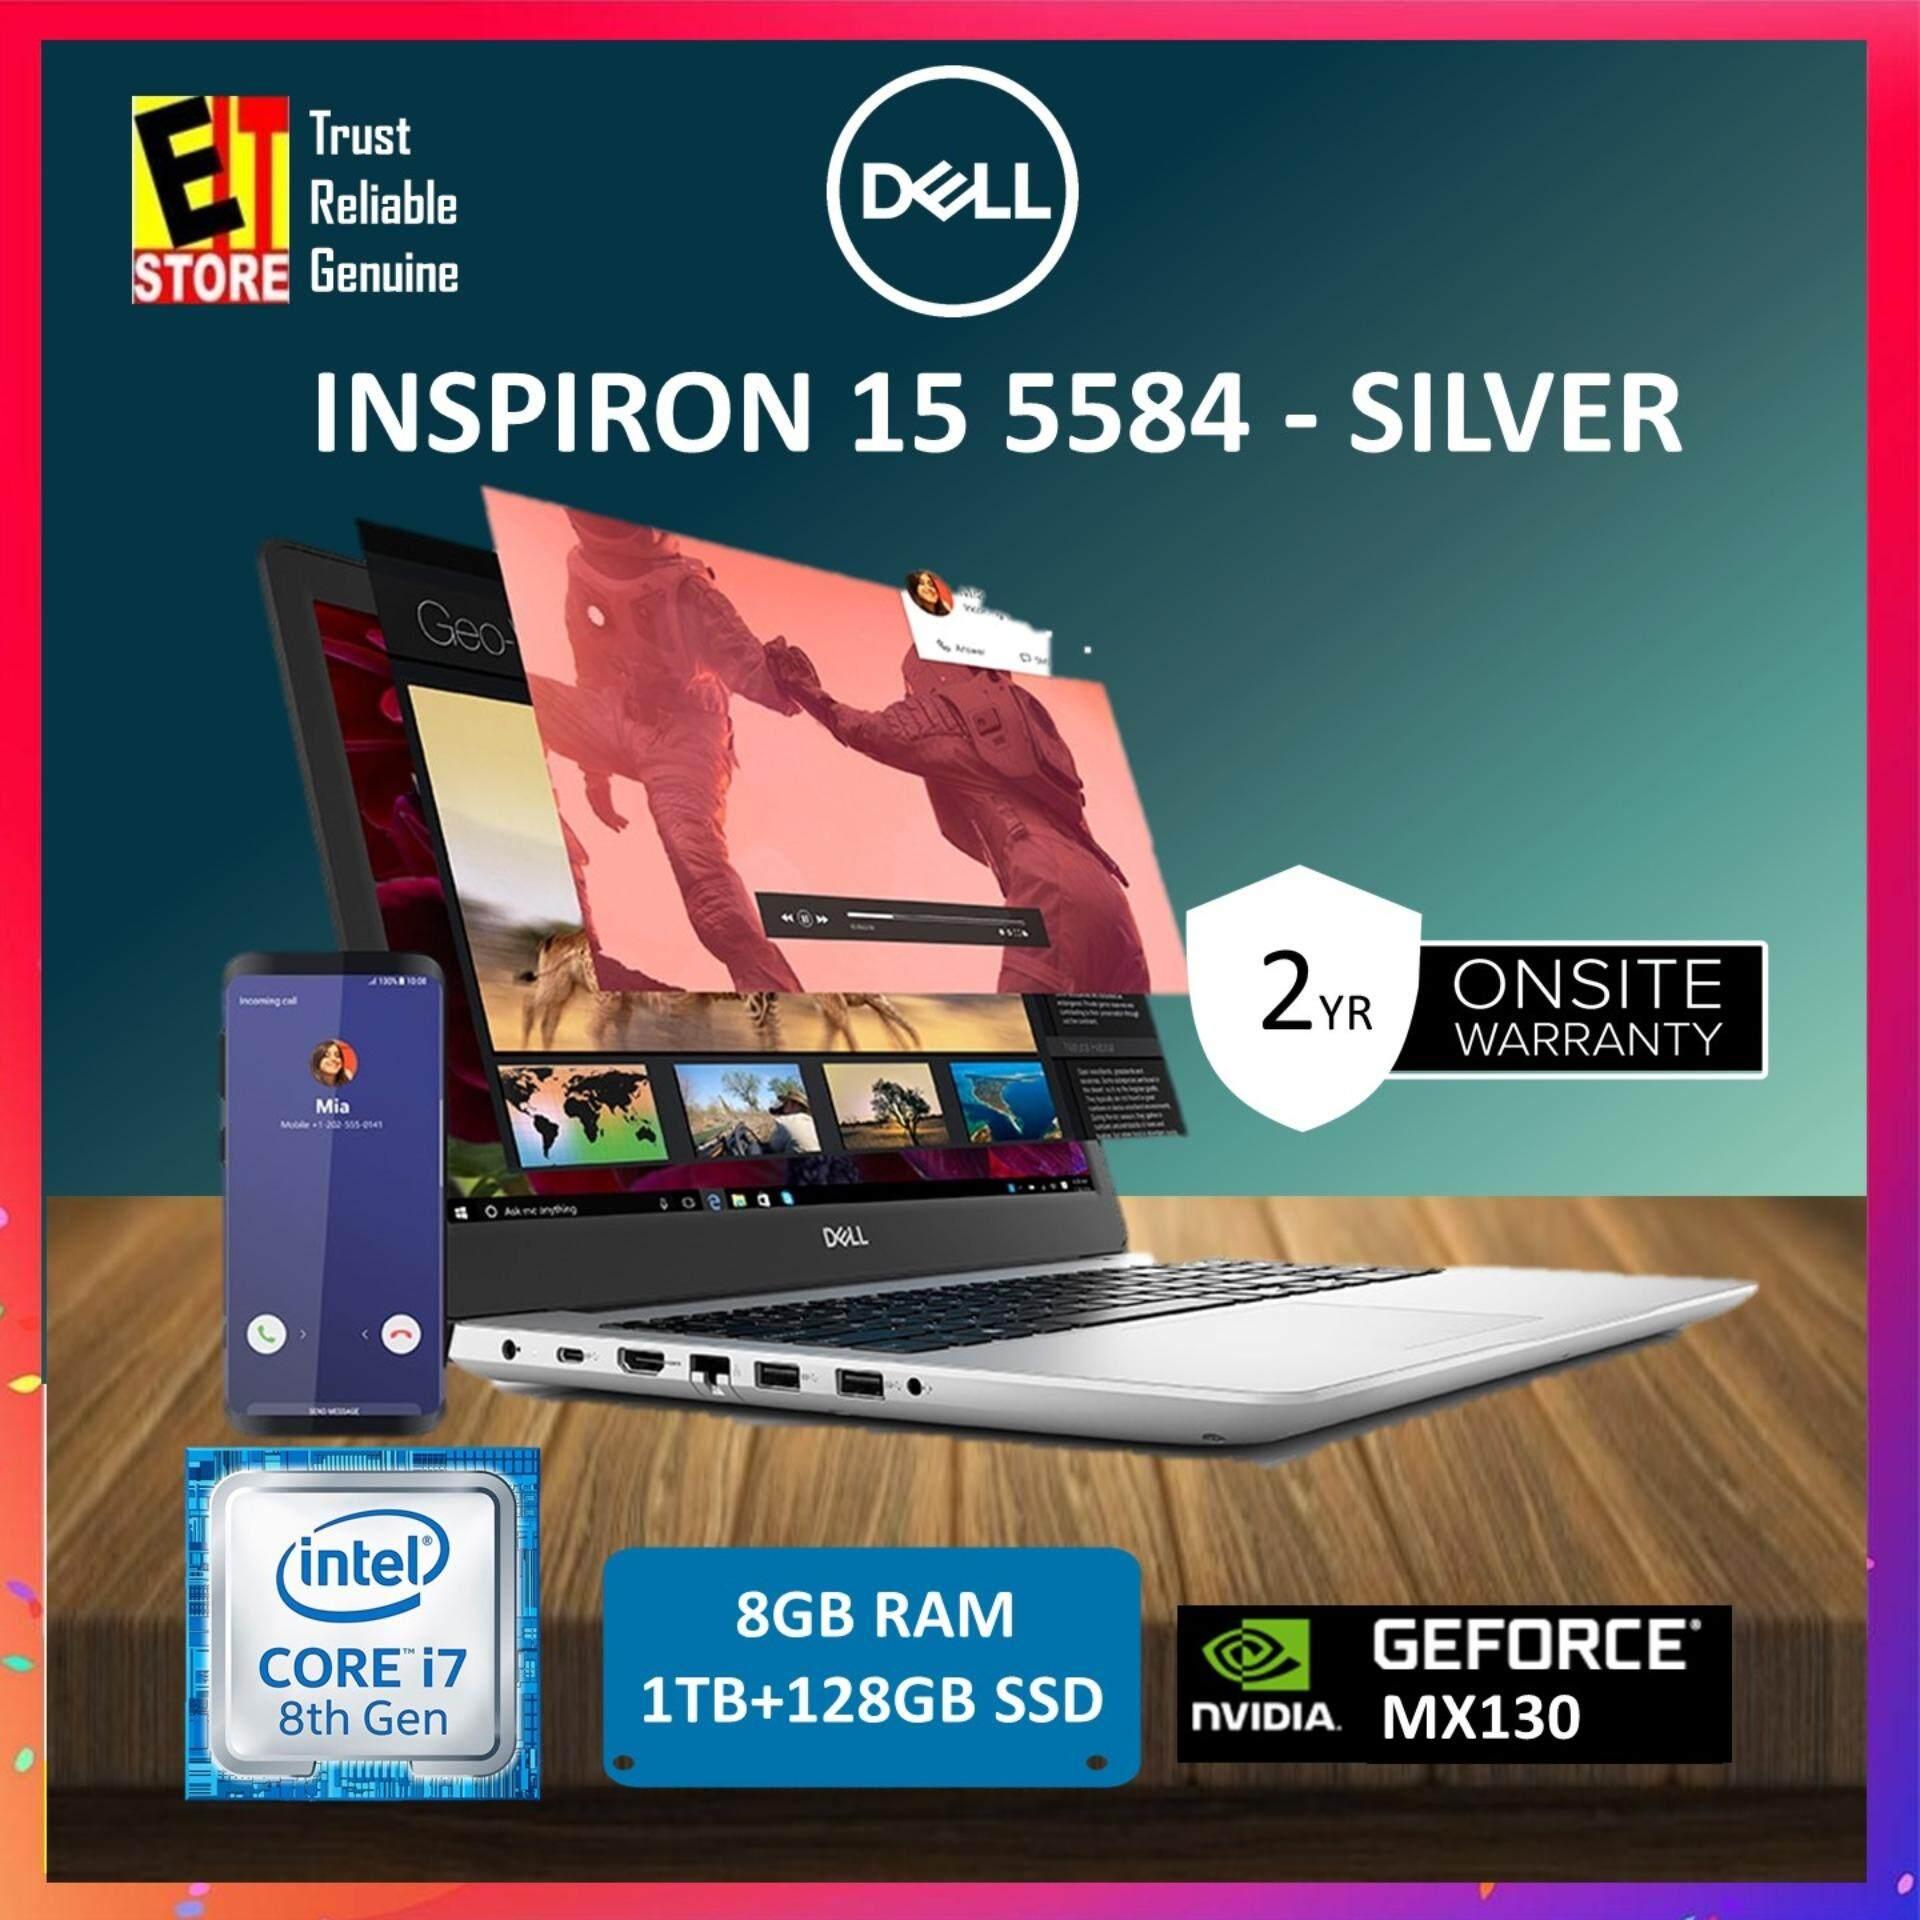 DELL INSPIRON 5584 (5584-85814G-W10-FHD-SSD) SILVER - I7-8565U/8GB/1TB+128GB SSD/15.6/MX130 4GB/W10/2YRS Malaysia